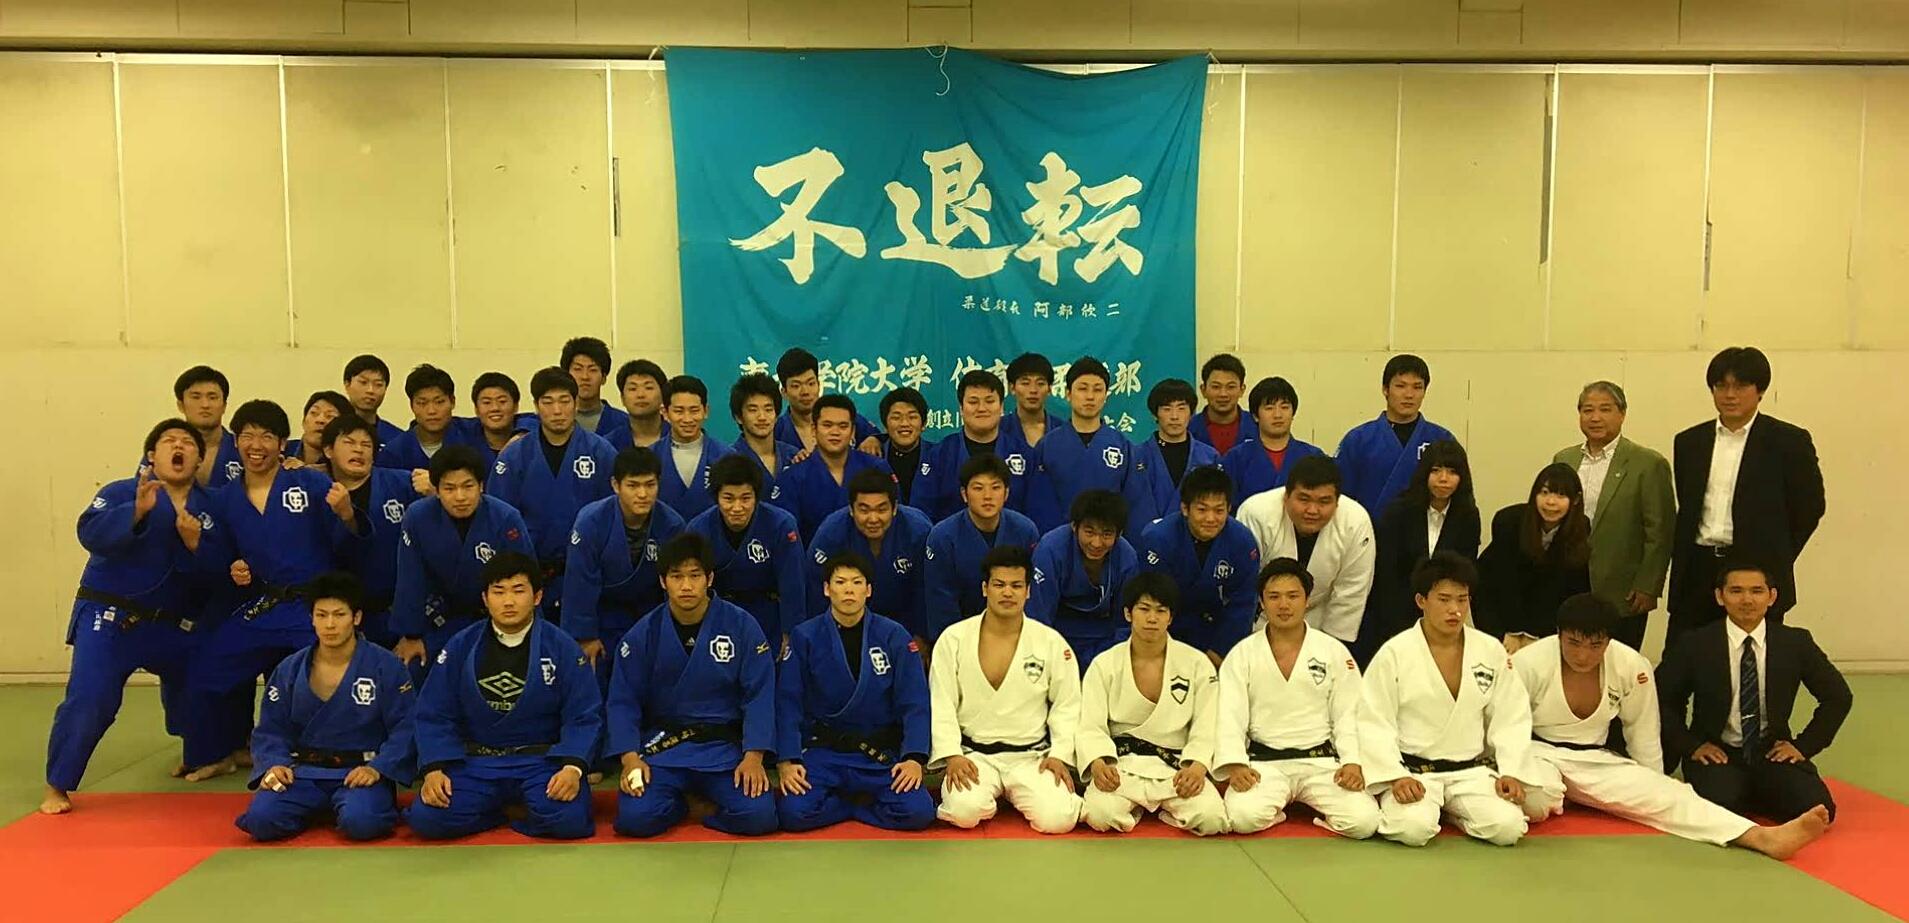 青山学院大学体育会柔道部